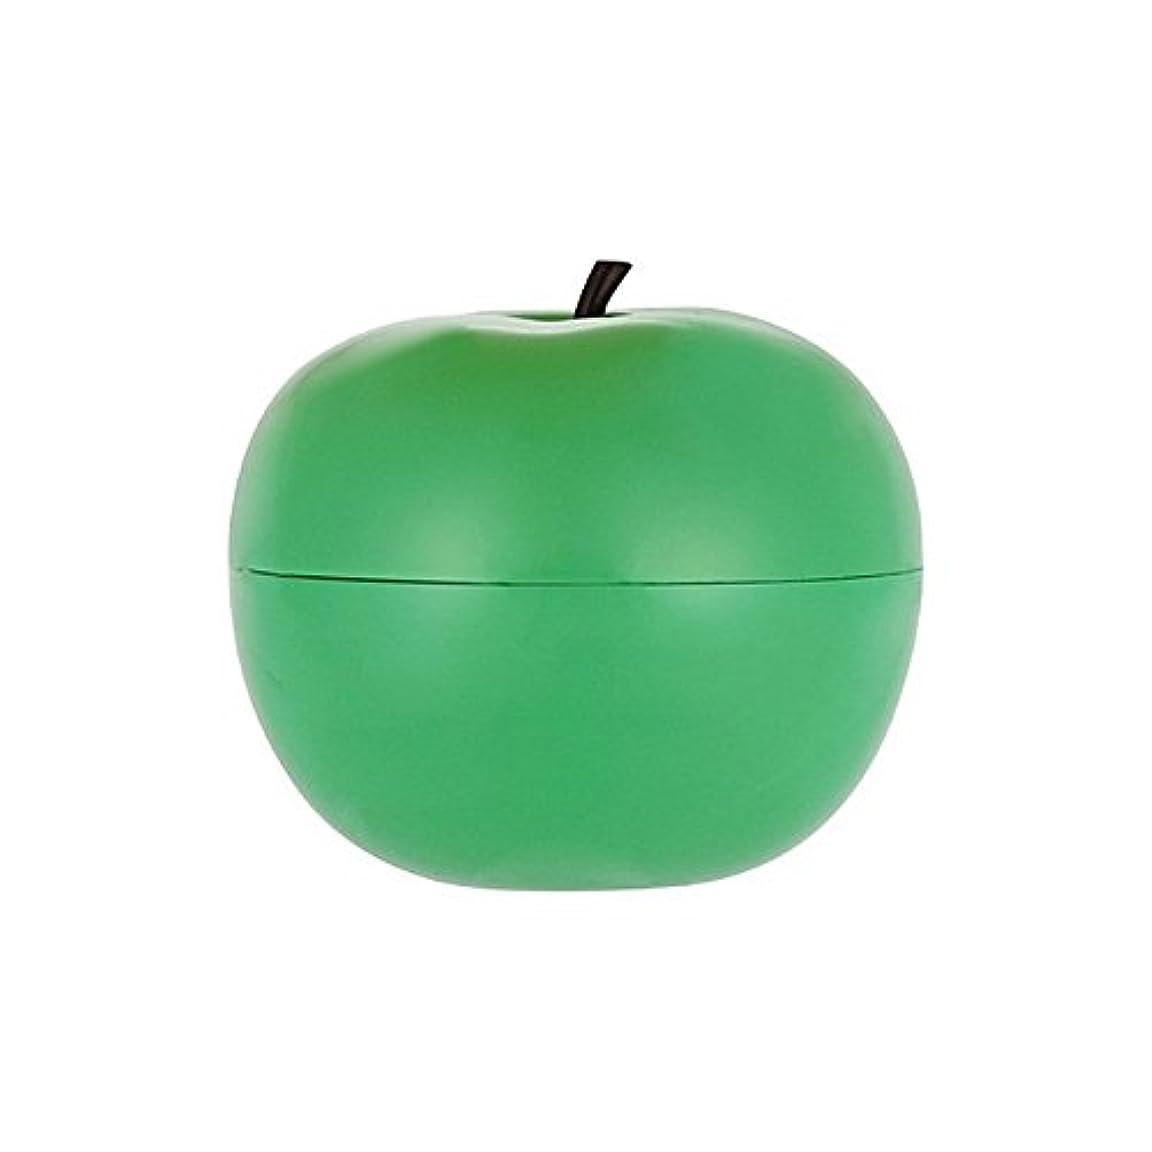 硬化するイタリアの私たち自身トニーモリースムーズマッサージピーリングクリーム80グラム x4 - Tony Moly Appletox Smooth Massage Peeling Cream 80G (Pack of 4) [並行輸入品]